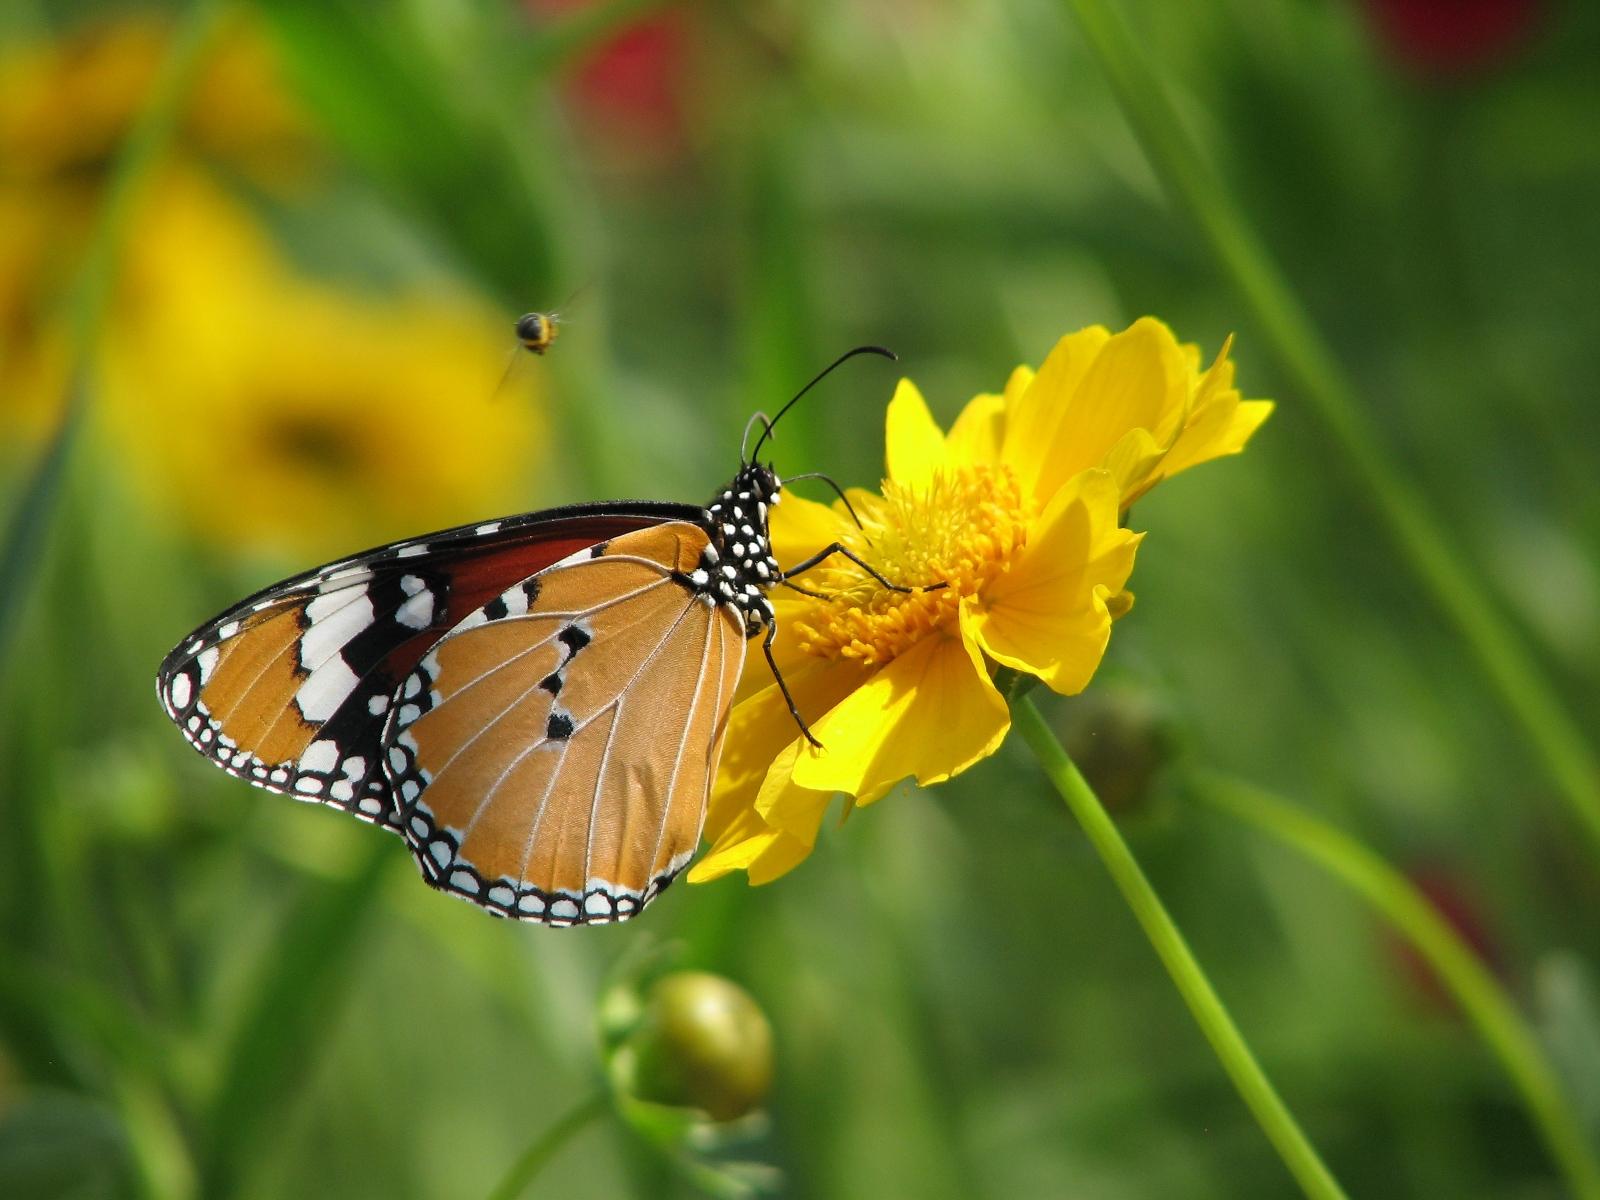 Flowers For Flower Lovers.: HD Flowers N Butterfly Desktop